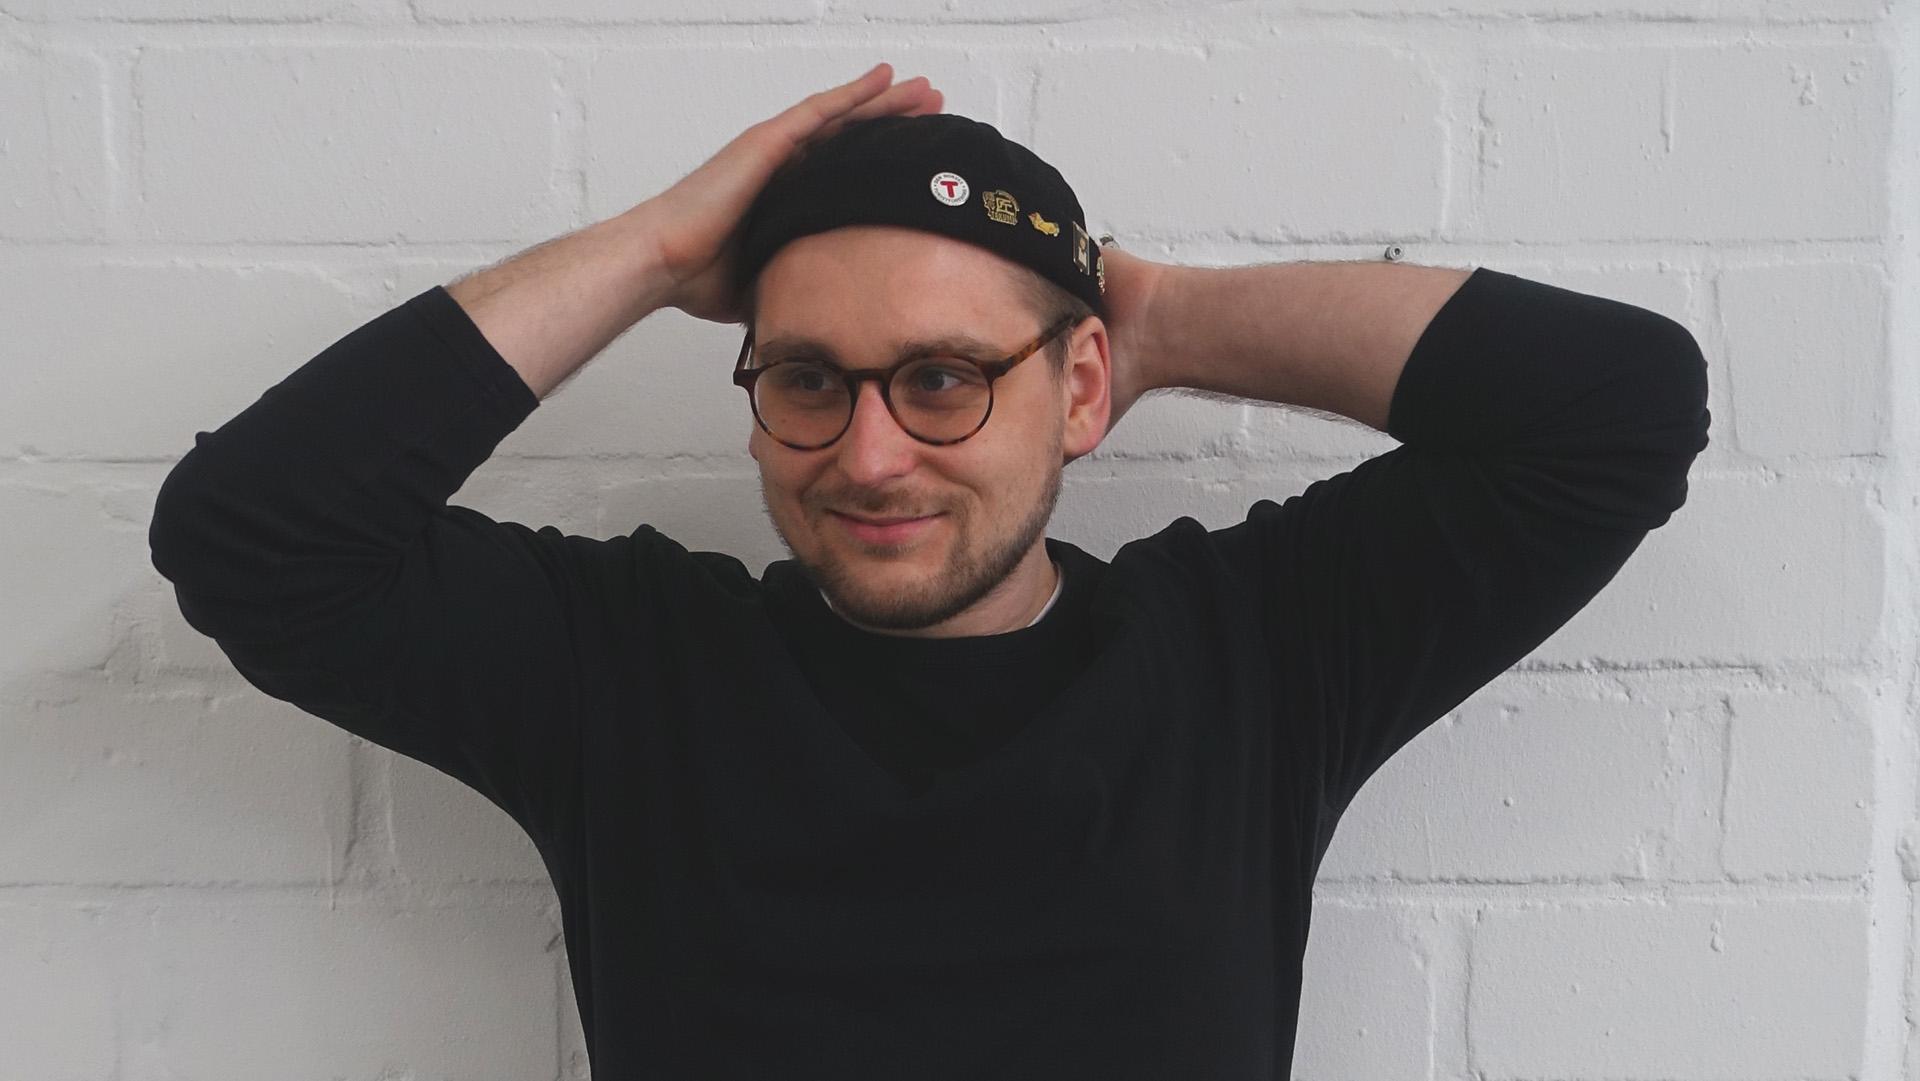 Portraitfoto von Andreas Gaida, Freelancer, Grafikdesigner, Art Director und Webdesigner.